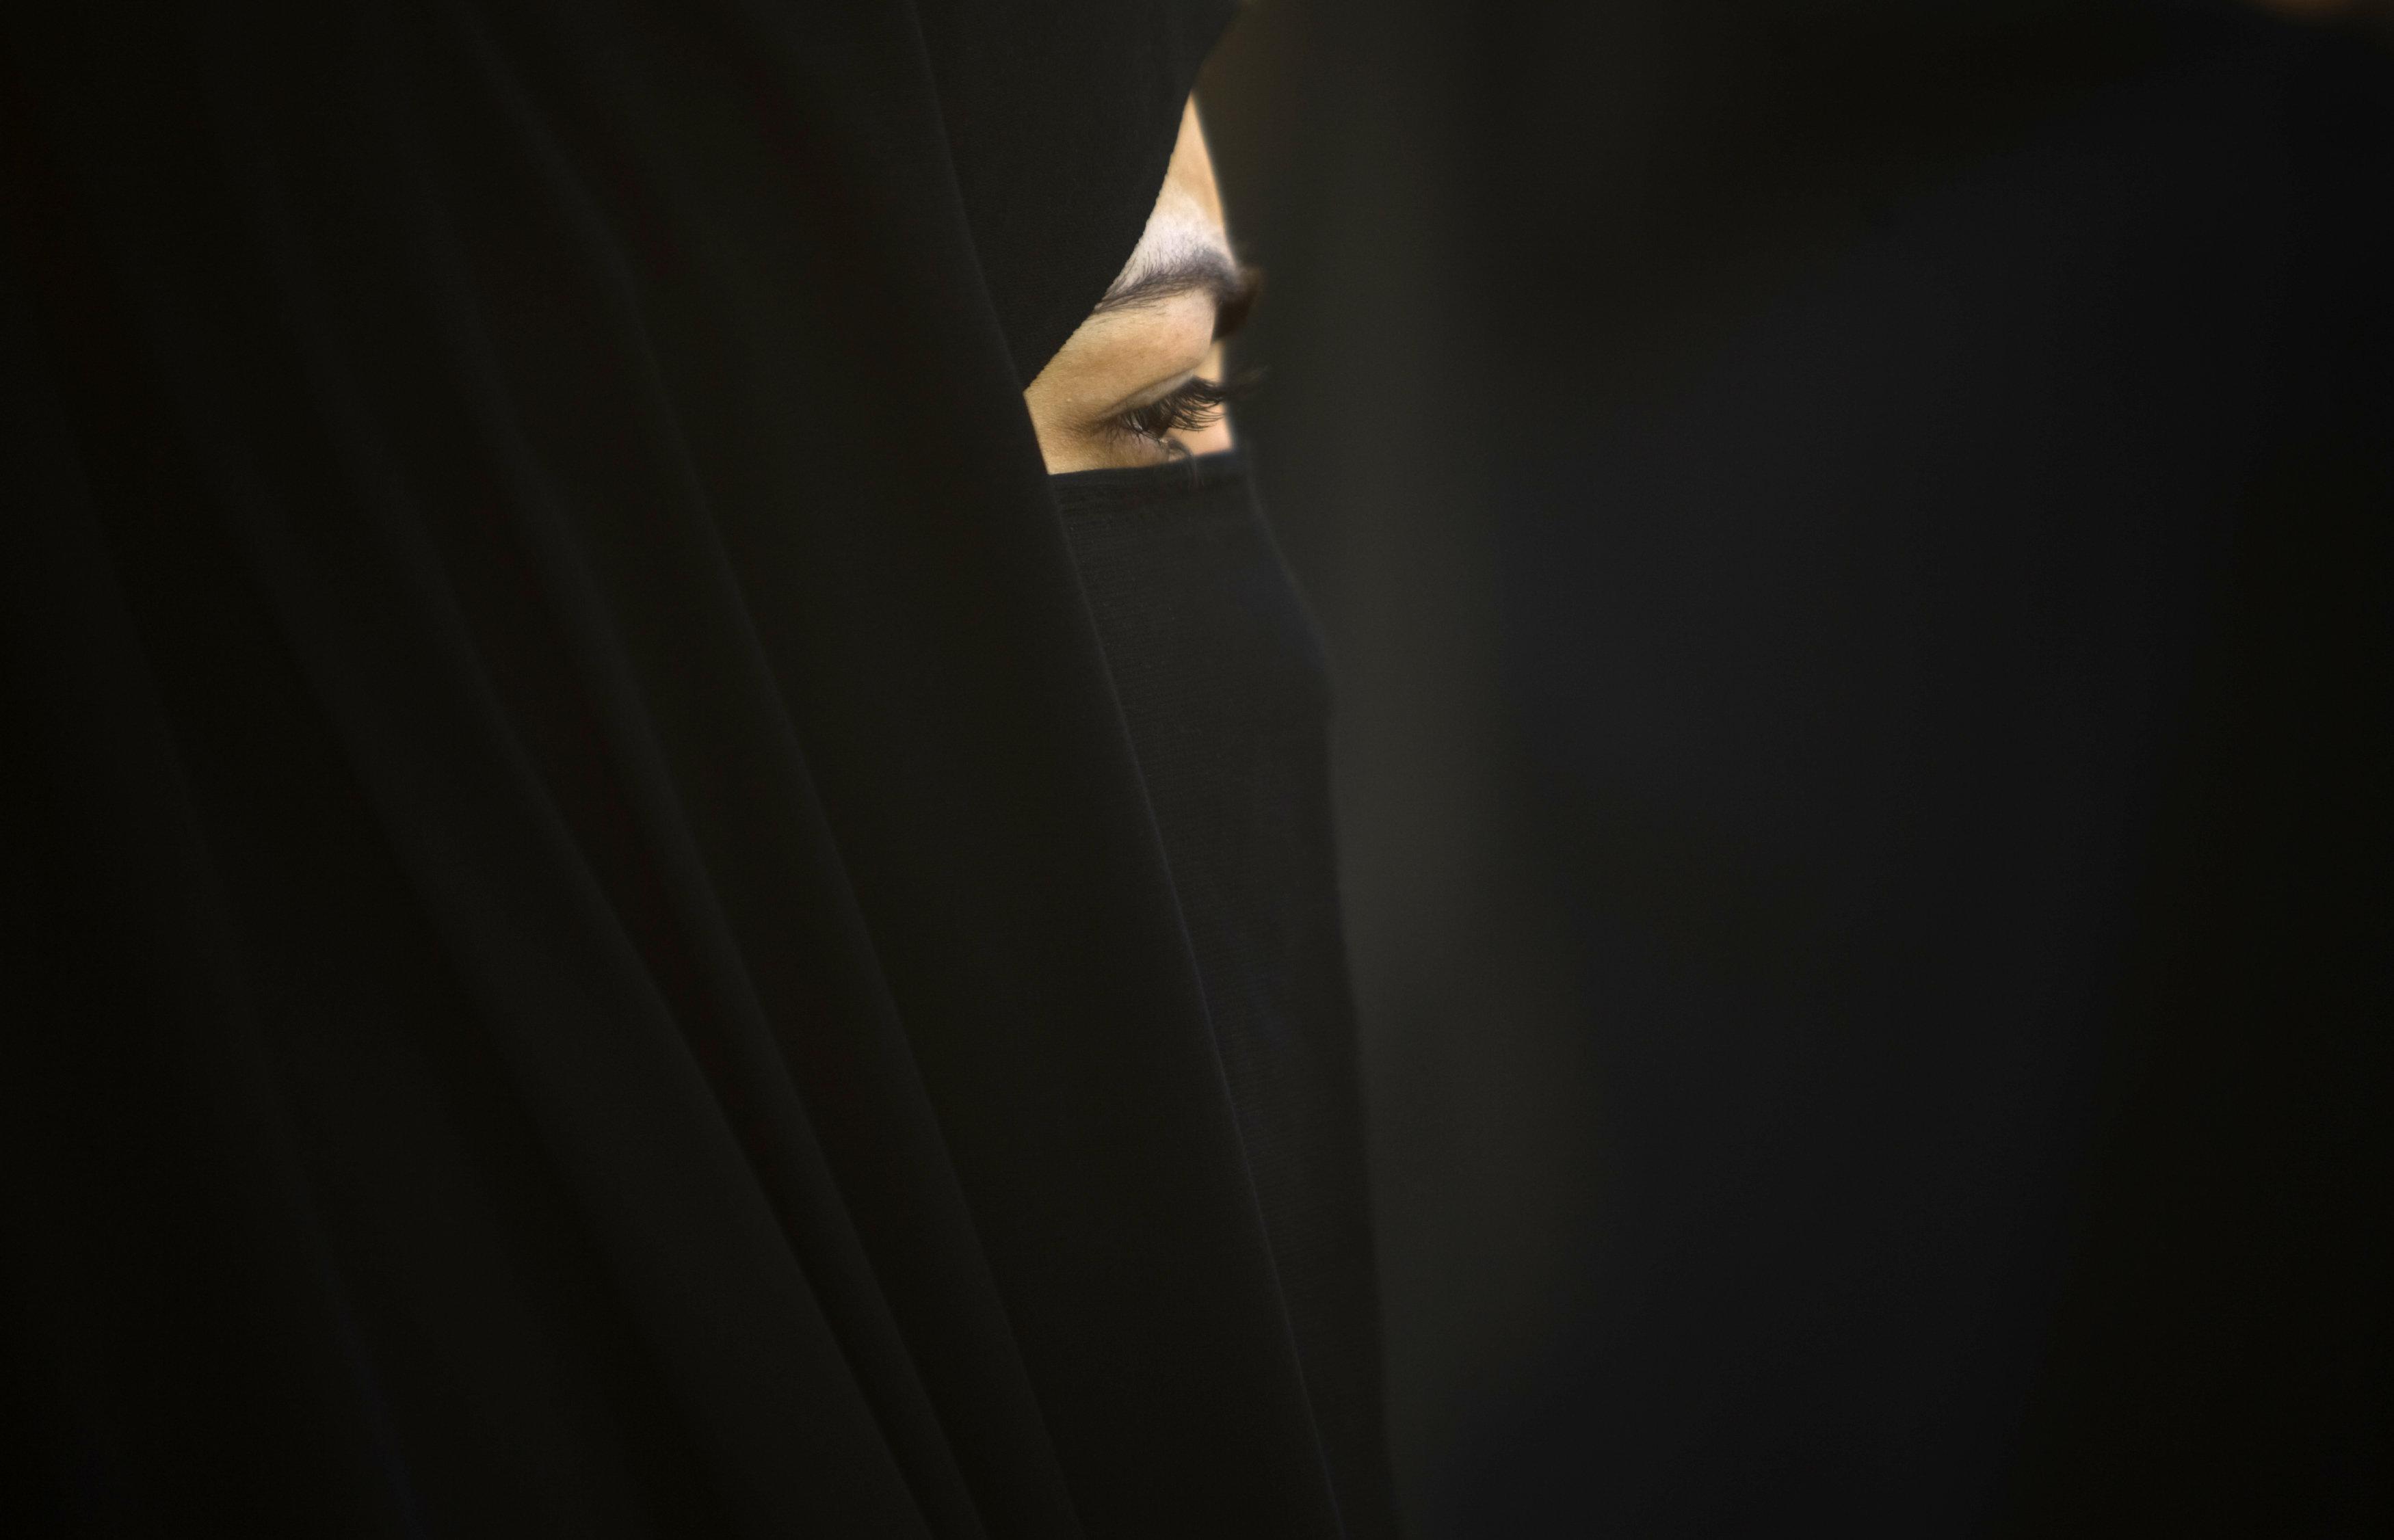 Σύζυγος στα 15, θύμα βιασμών έως τα 17. Η ιστορία της Ζεϊνάμπ από το Ιράν που εκτελέστηκε σε ηλικία 24